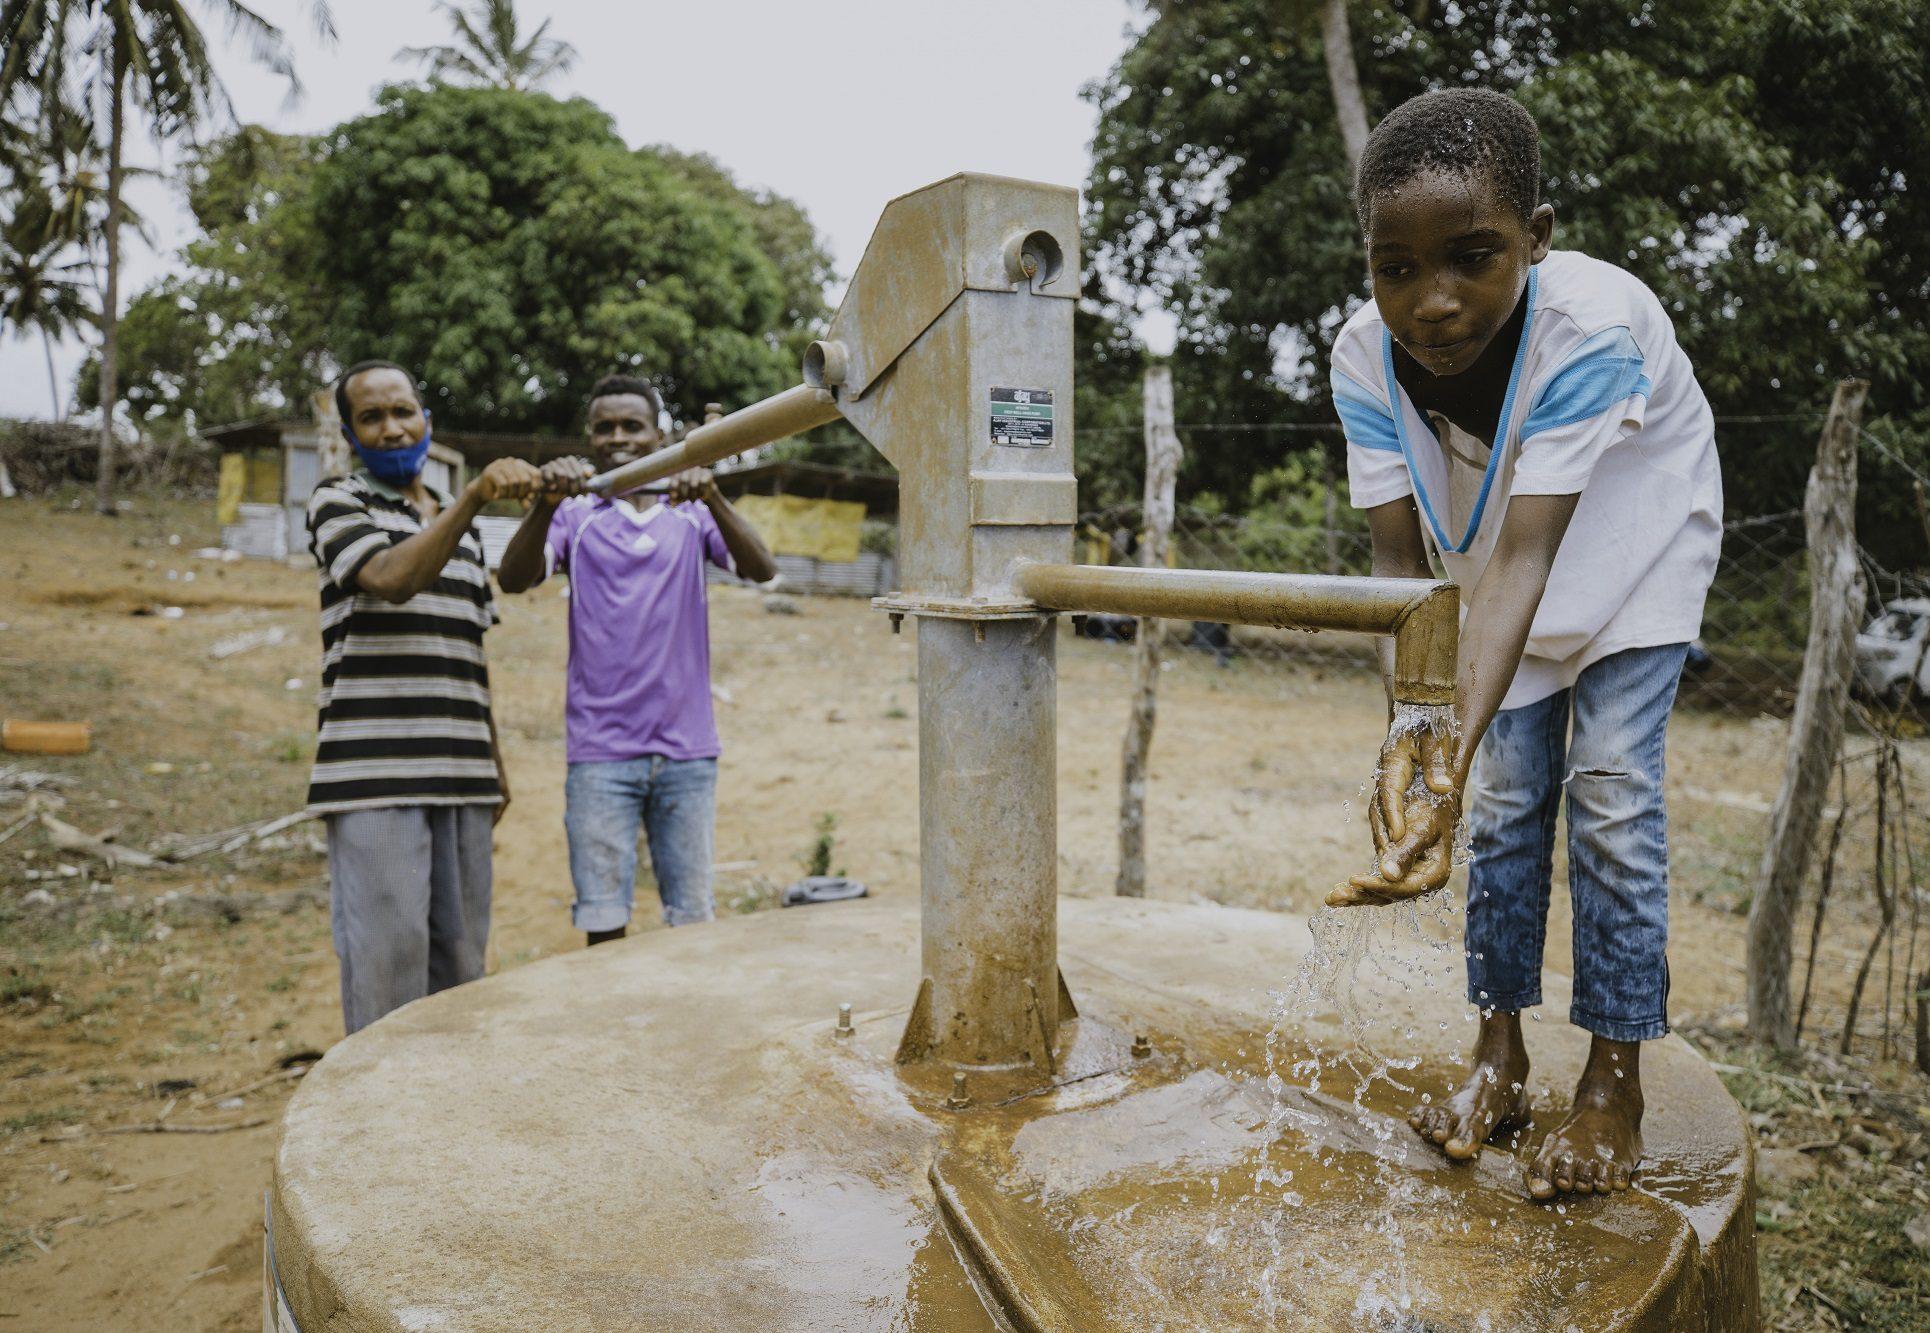 acqua-ask-donazione-aspect-ratio-97-67